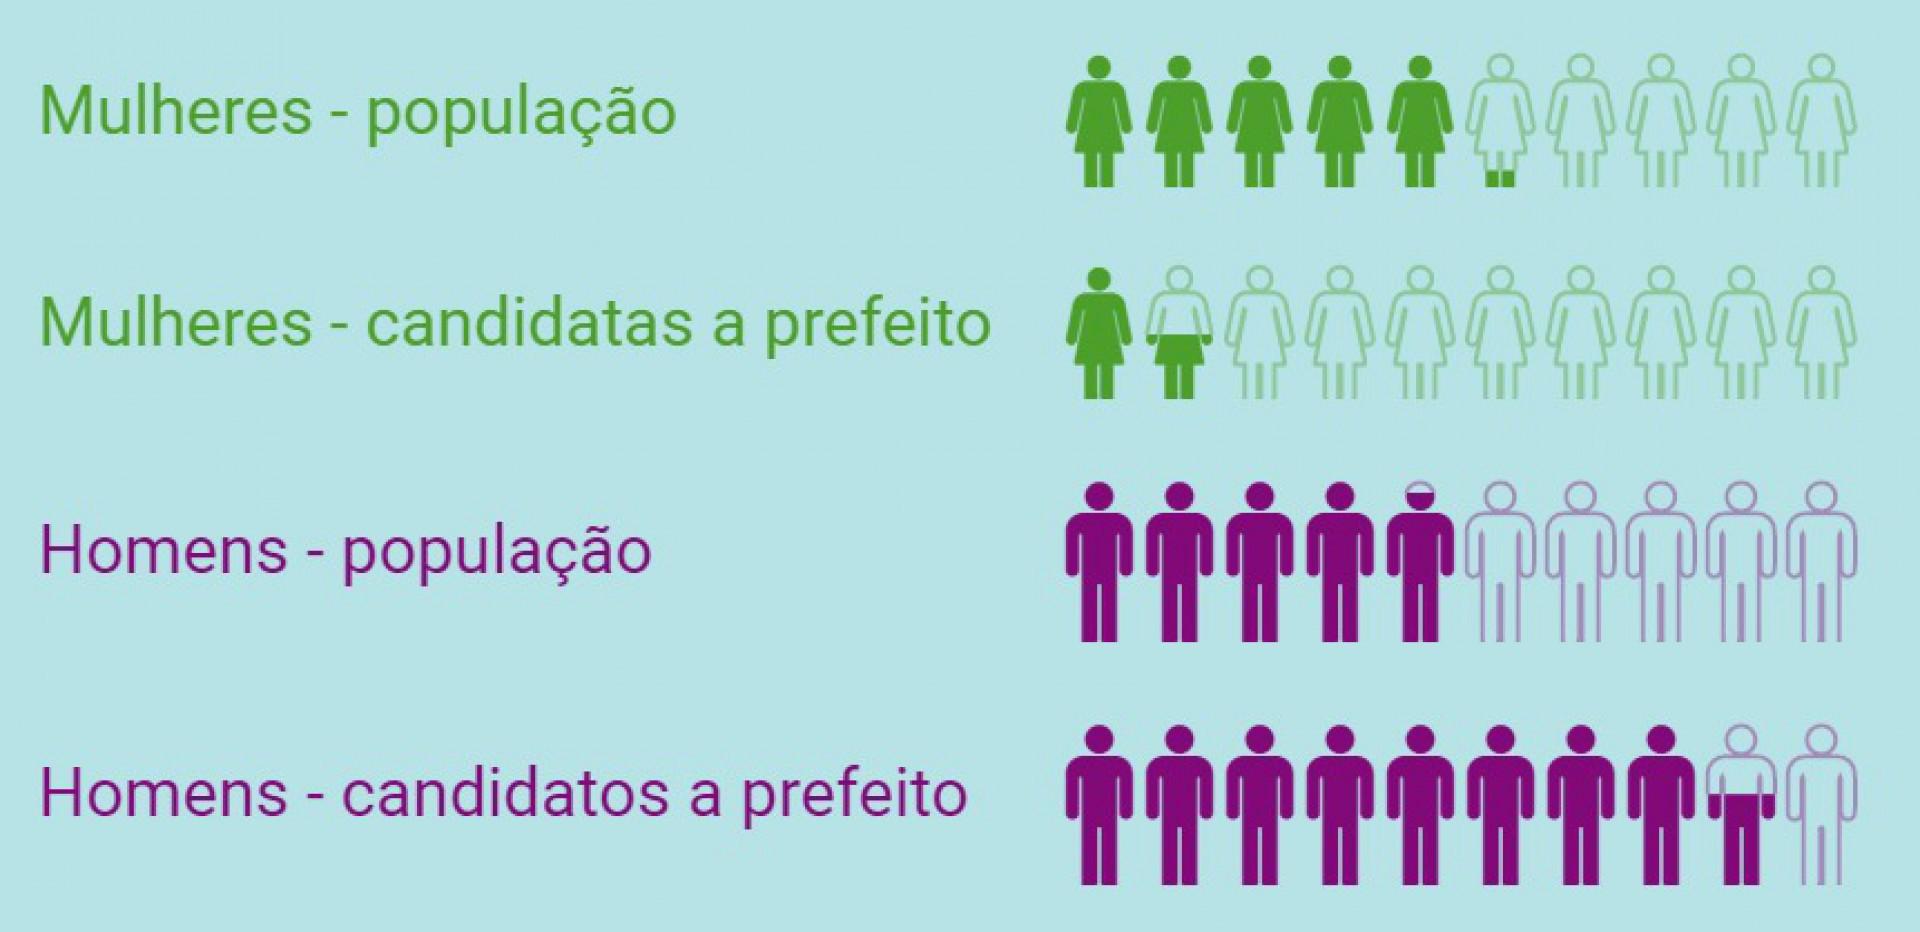 proporcao_mulheres_candidatos-14061196